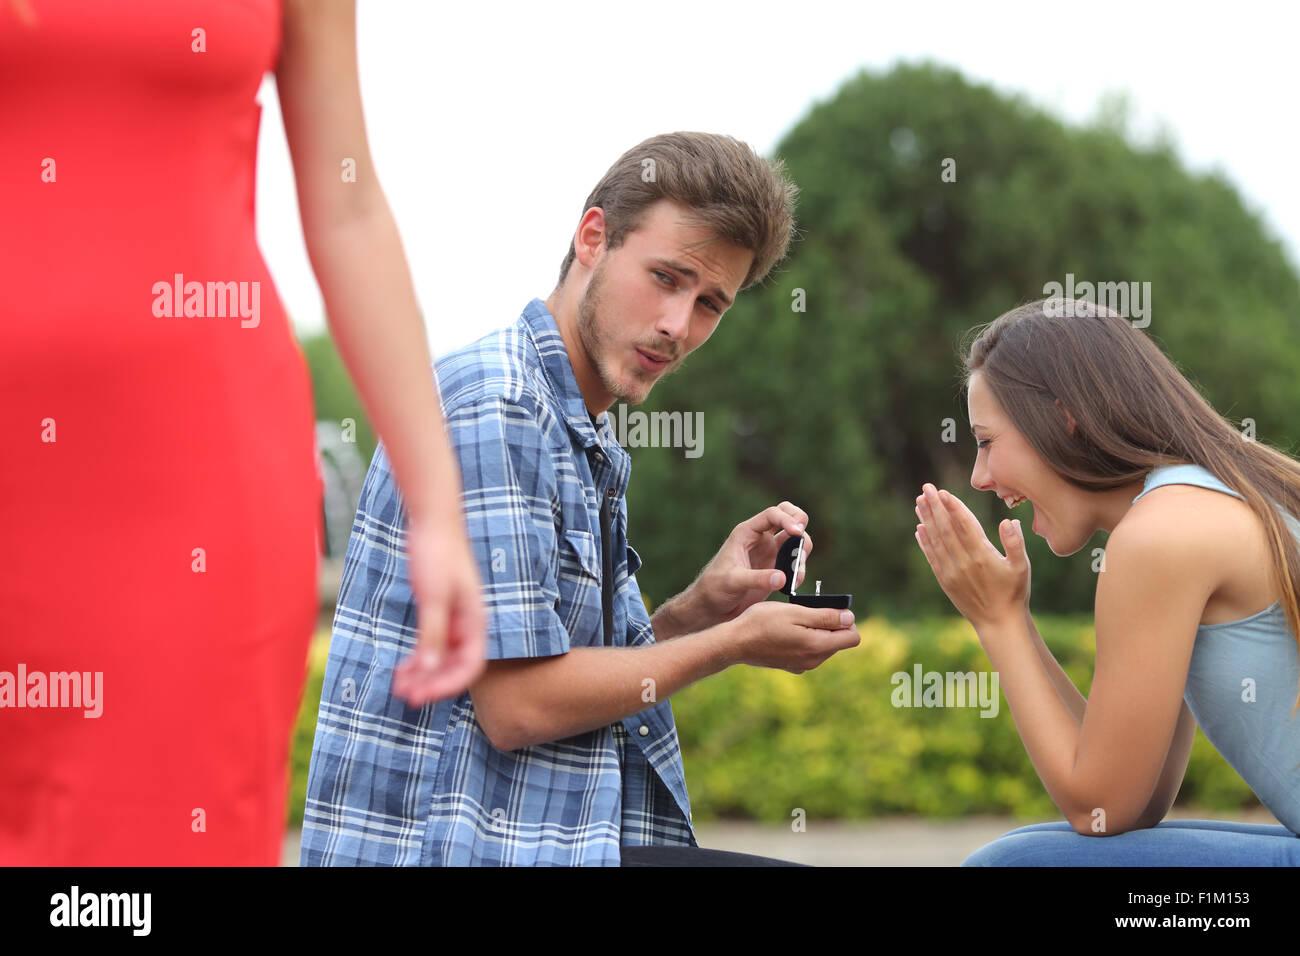 Uomo di Cheater barare durante una proposta di matrimonio con la sua ragazza innocente Immagini Stock